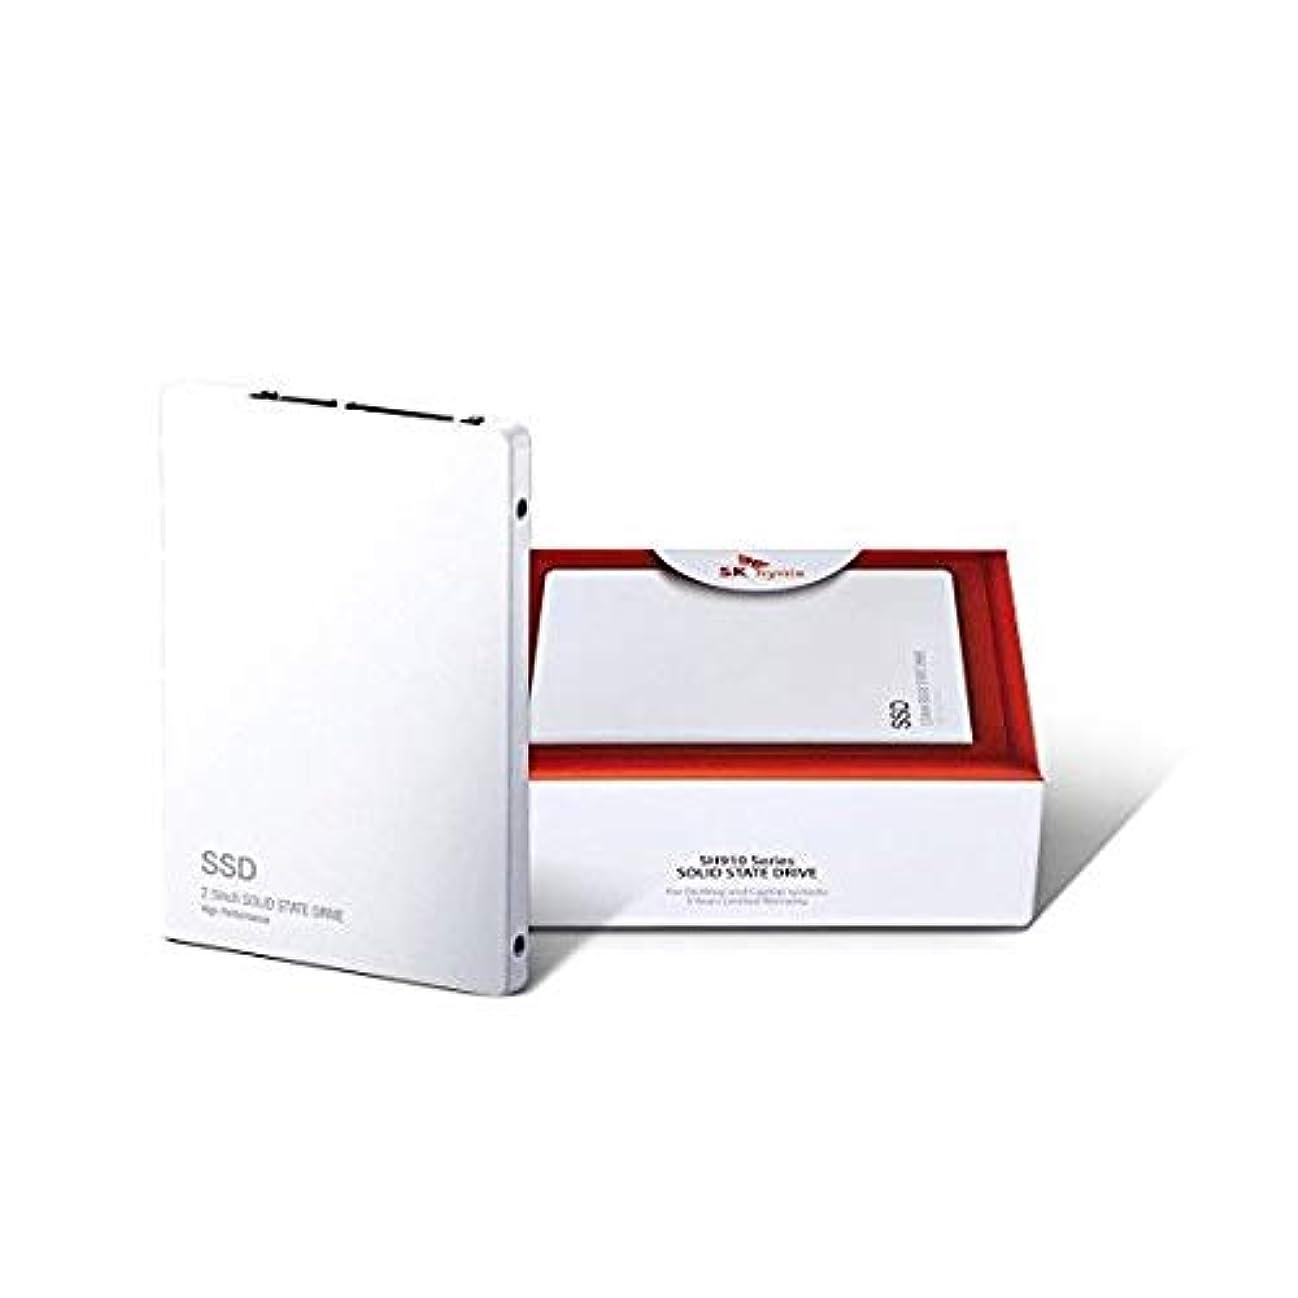 あまりにも費やす作成するSK hynix 512GB SC311 2.5インチ SATA3 ソリッドステートドライブ (3D V3) モデル HFS512G32TNF-N2A0A